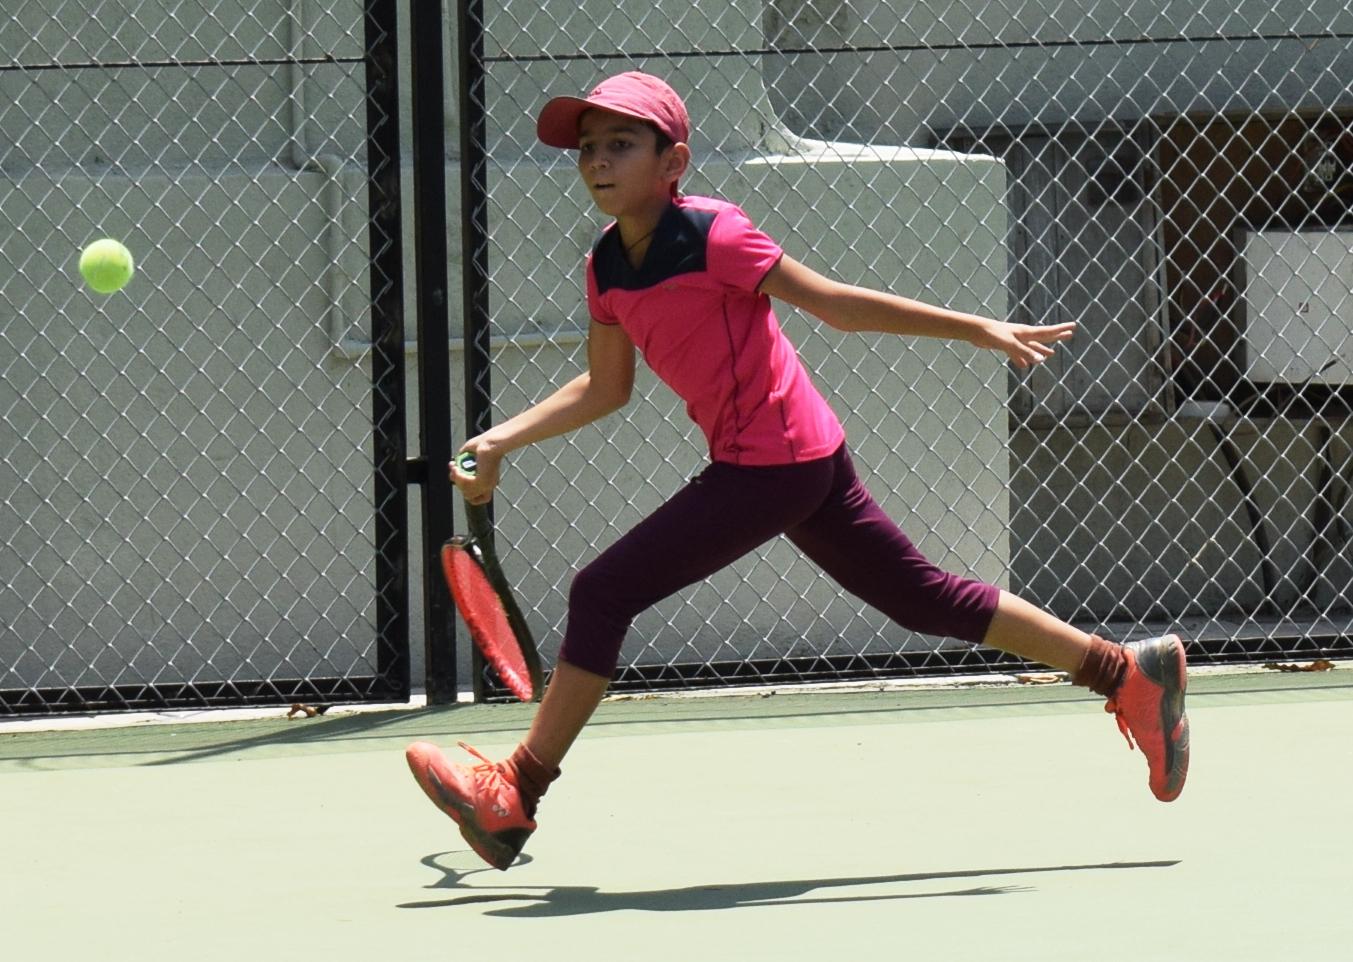 पीएमडीटीए ज्युनियर टेनिस लीग स्पर्धेत कोद्रे फार्म्स रोअरिंग लायन्स संघाचा एकतर्फी विजय